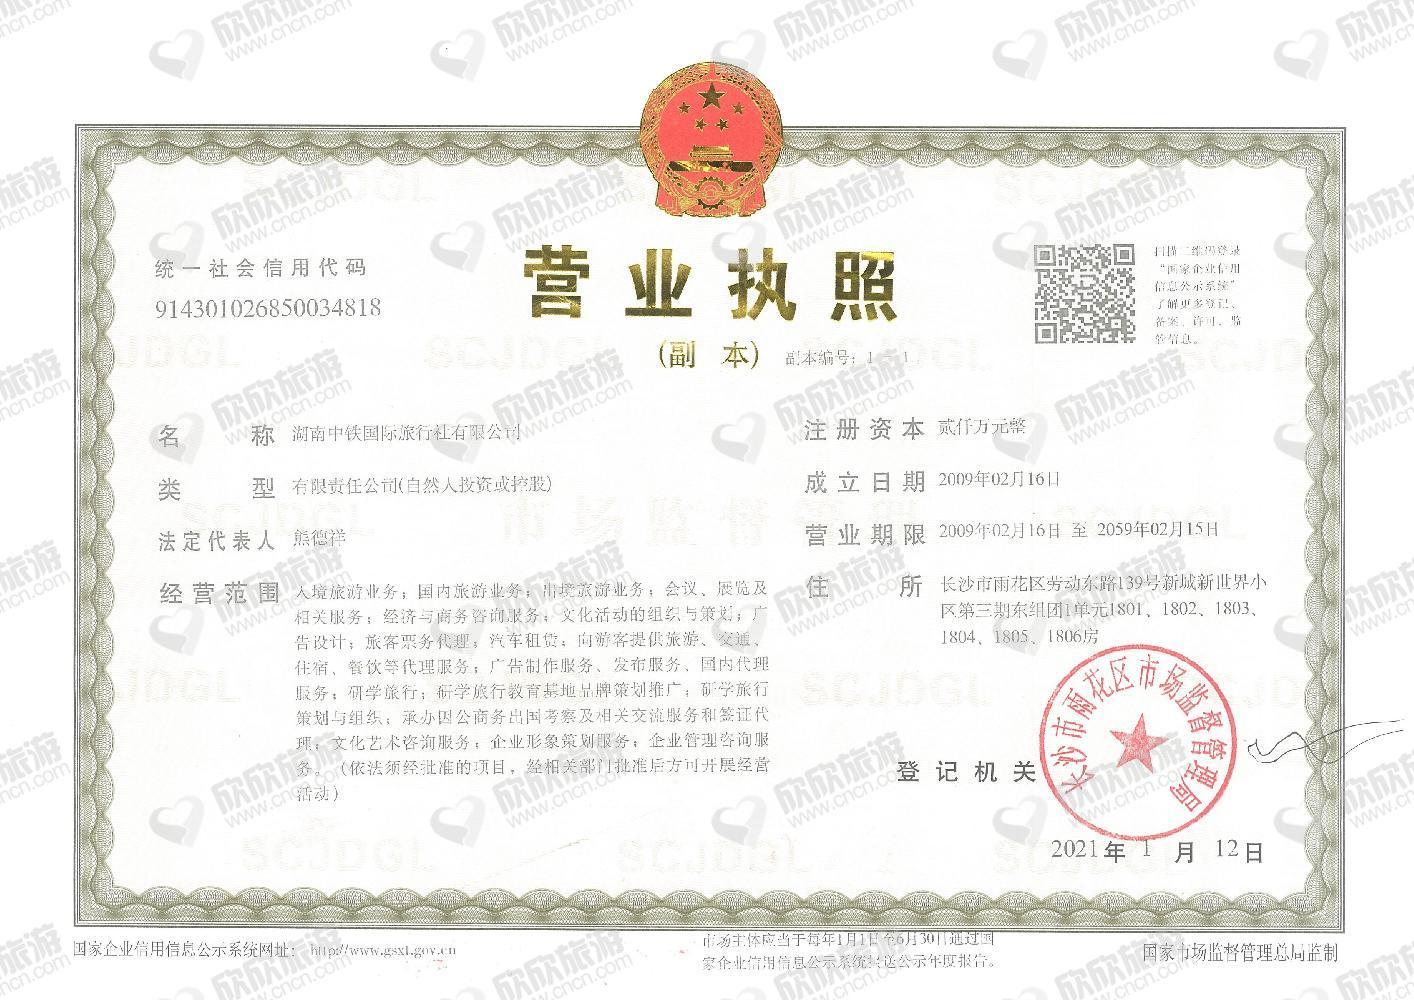 湖南中铁国际旅行社有限公司飞跃之旅营业执照